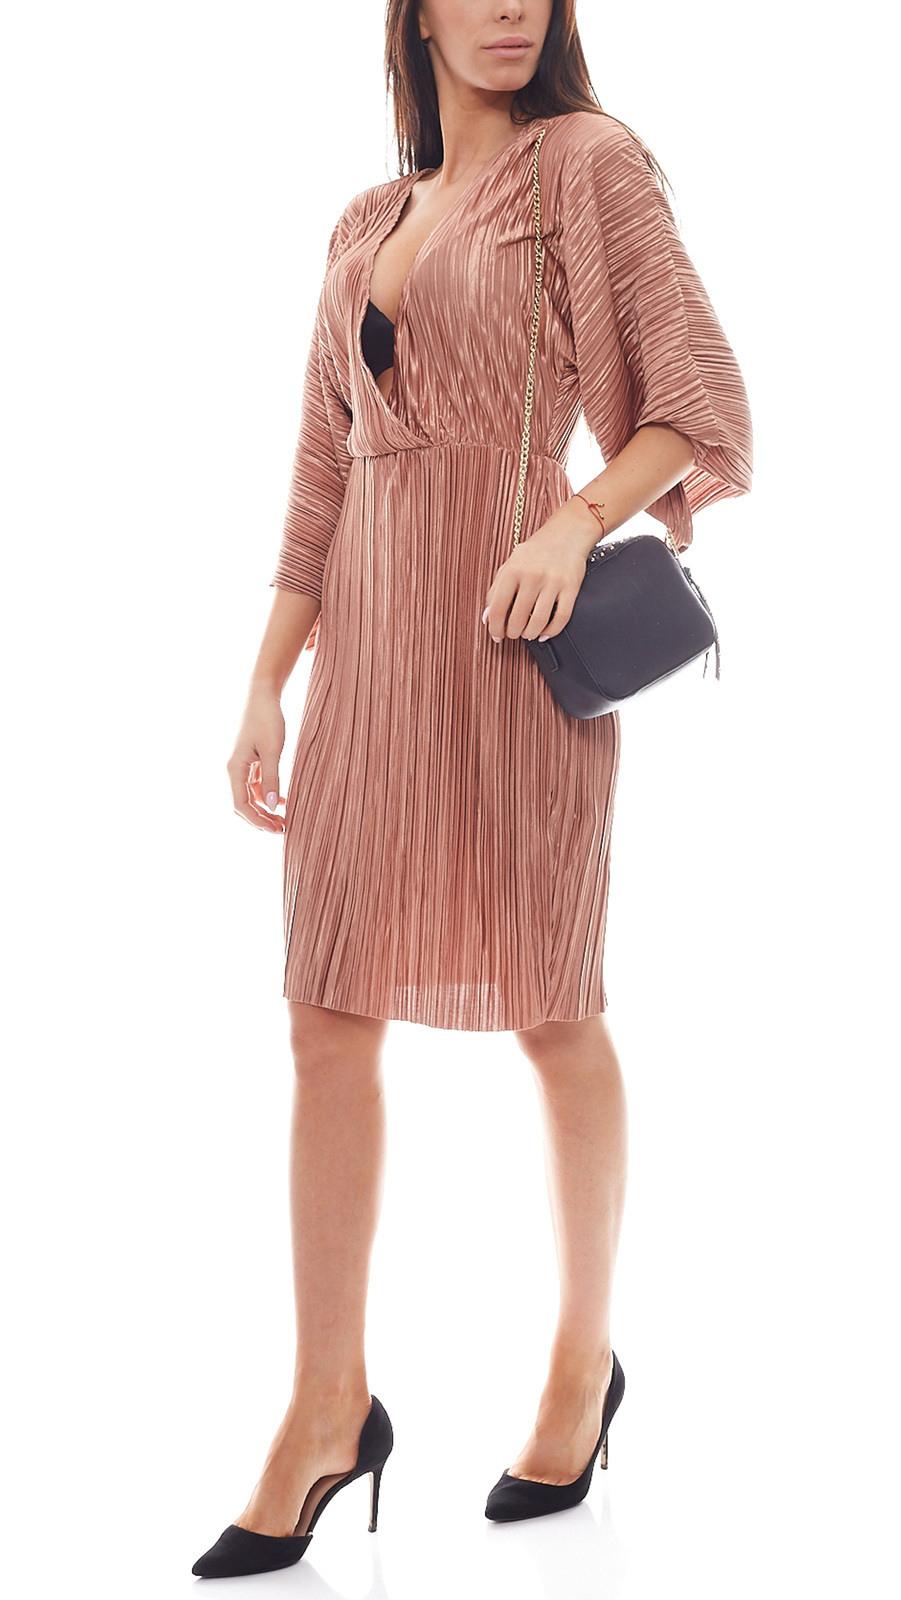 20 Luxus Schickes Kleid Damen Vertrieb13 Einzigartig Schickes Kleid Damen Ärmel